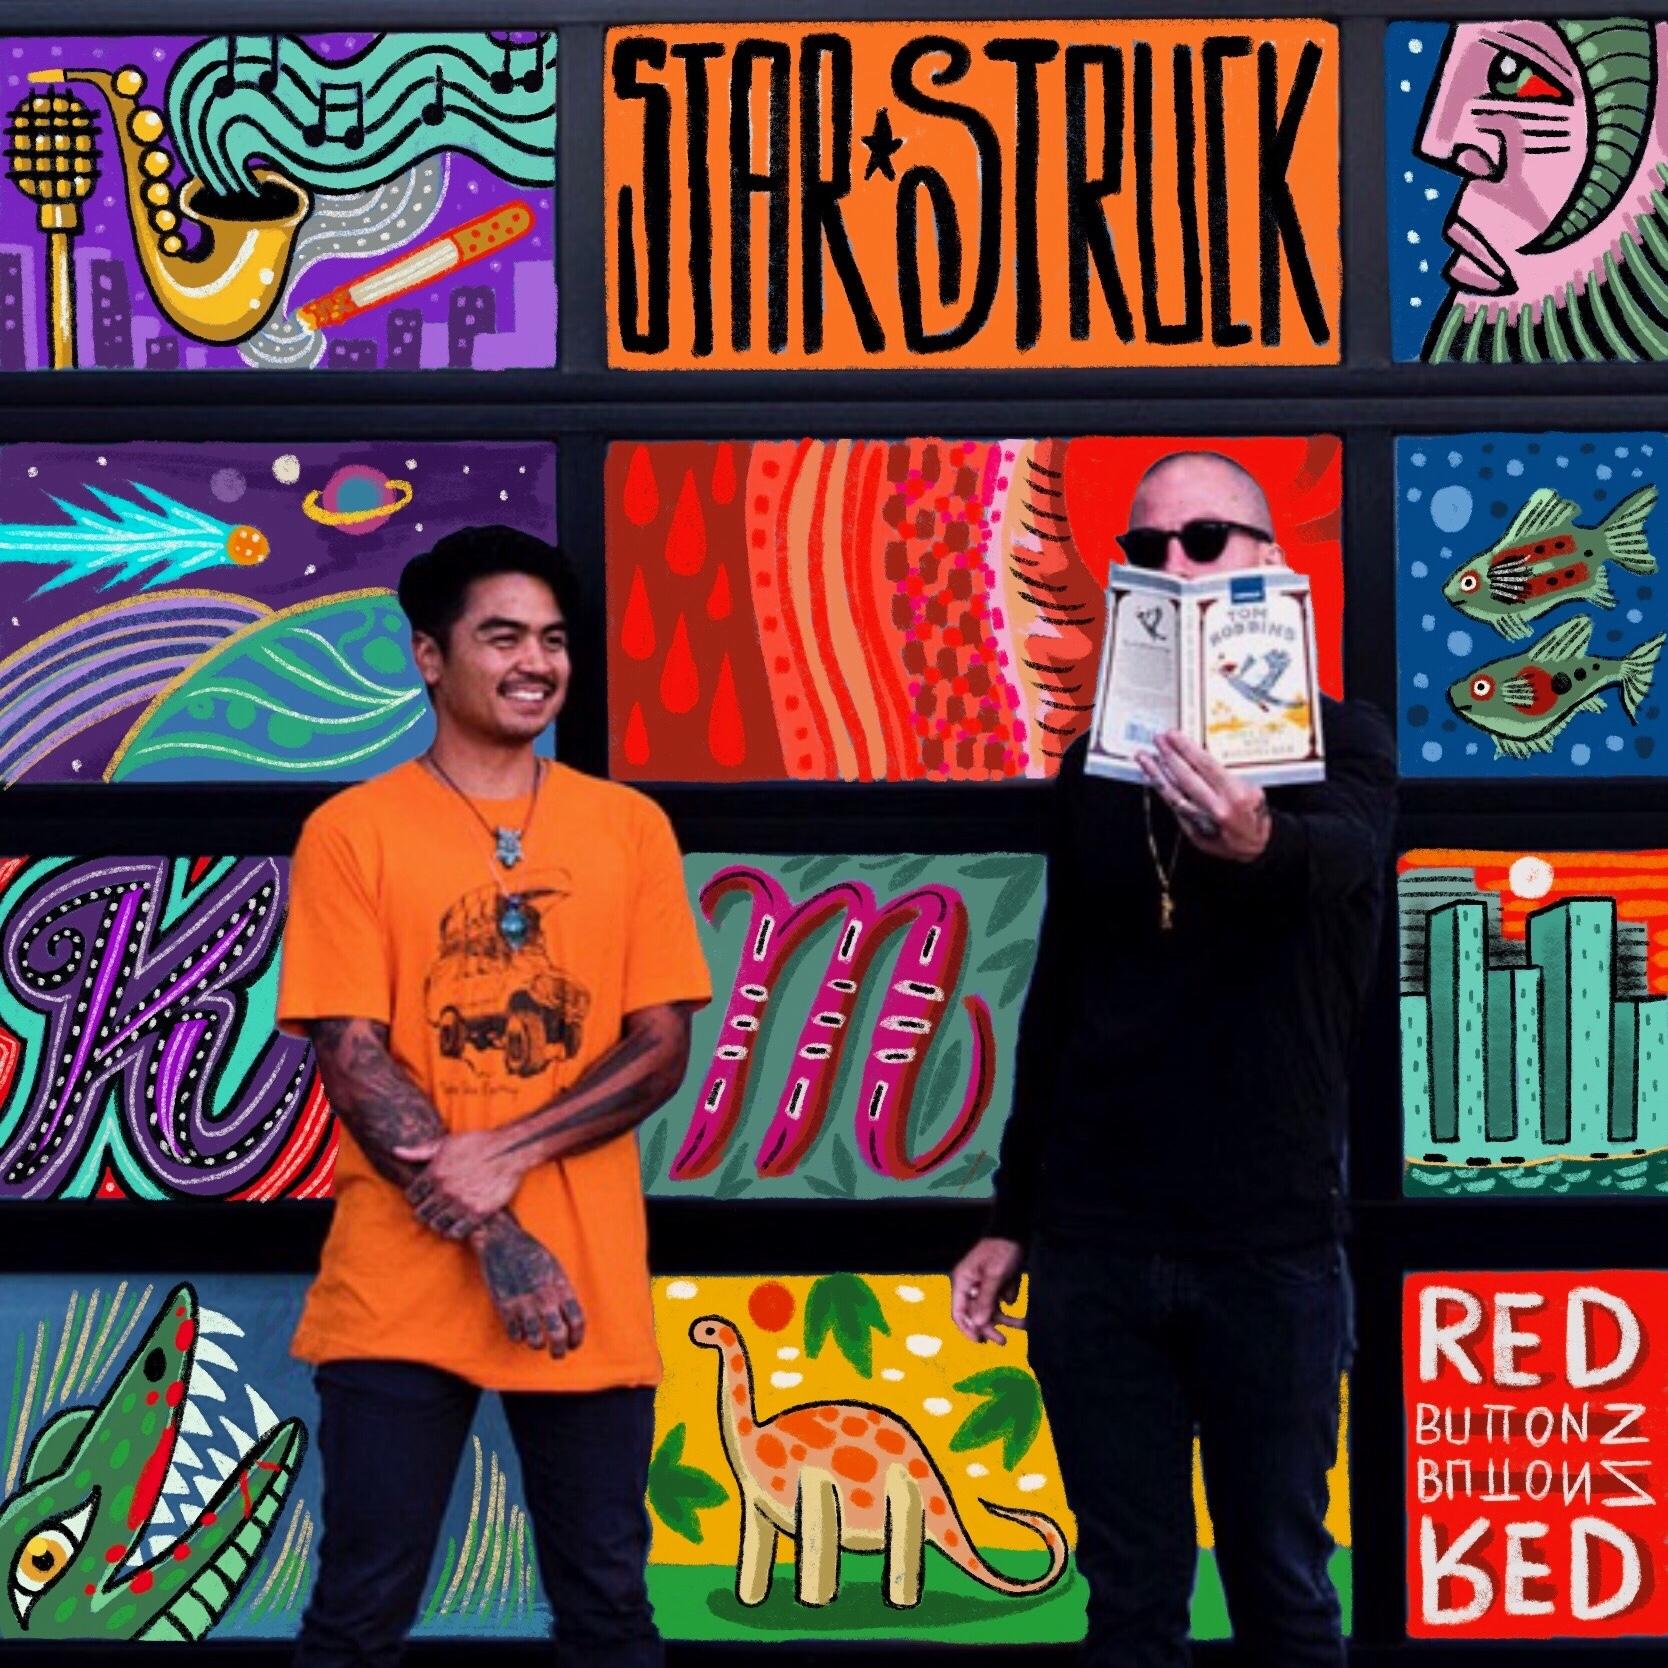 STARSTRUCK - ZACHARY MURDOCK